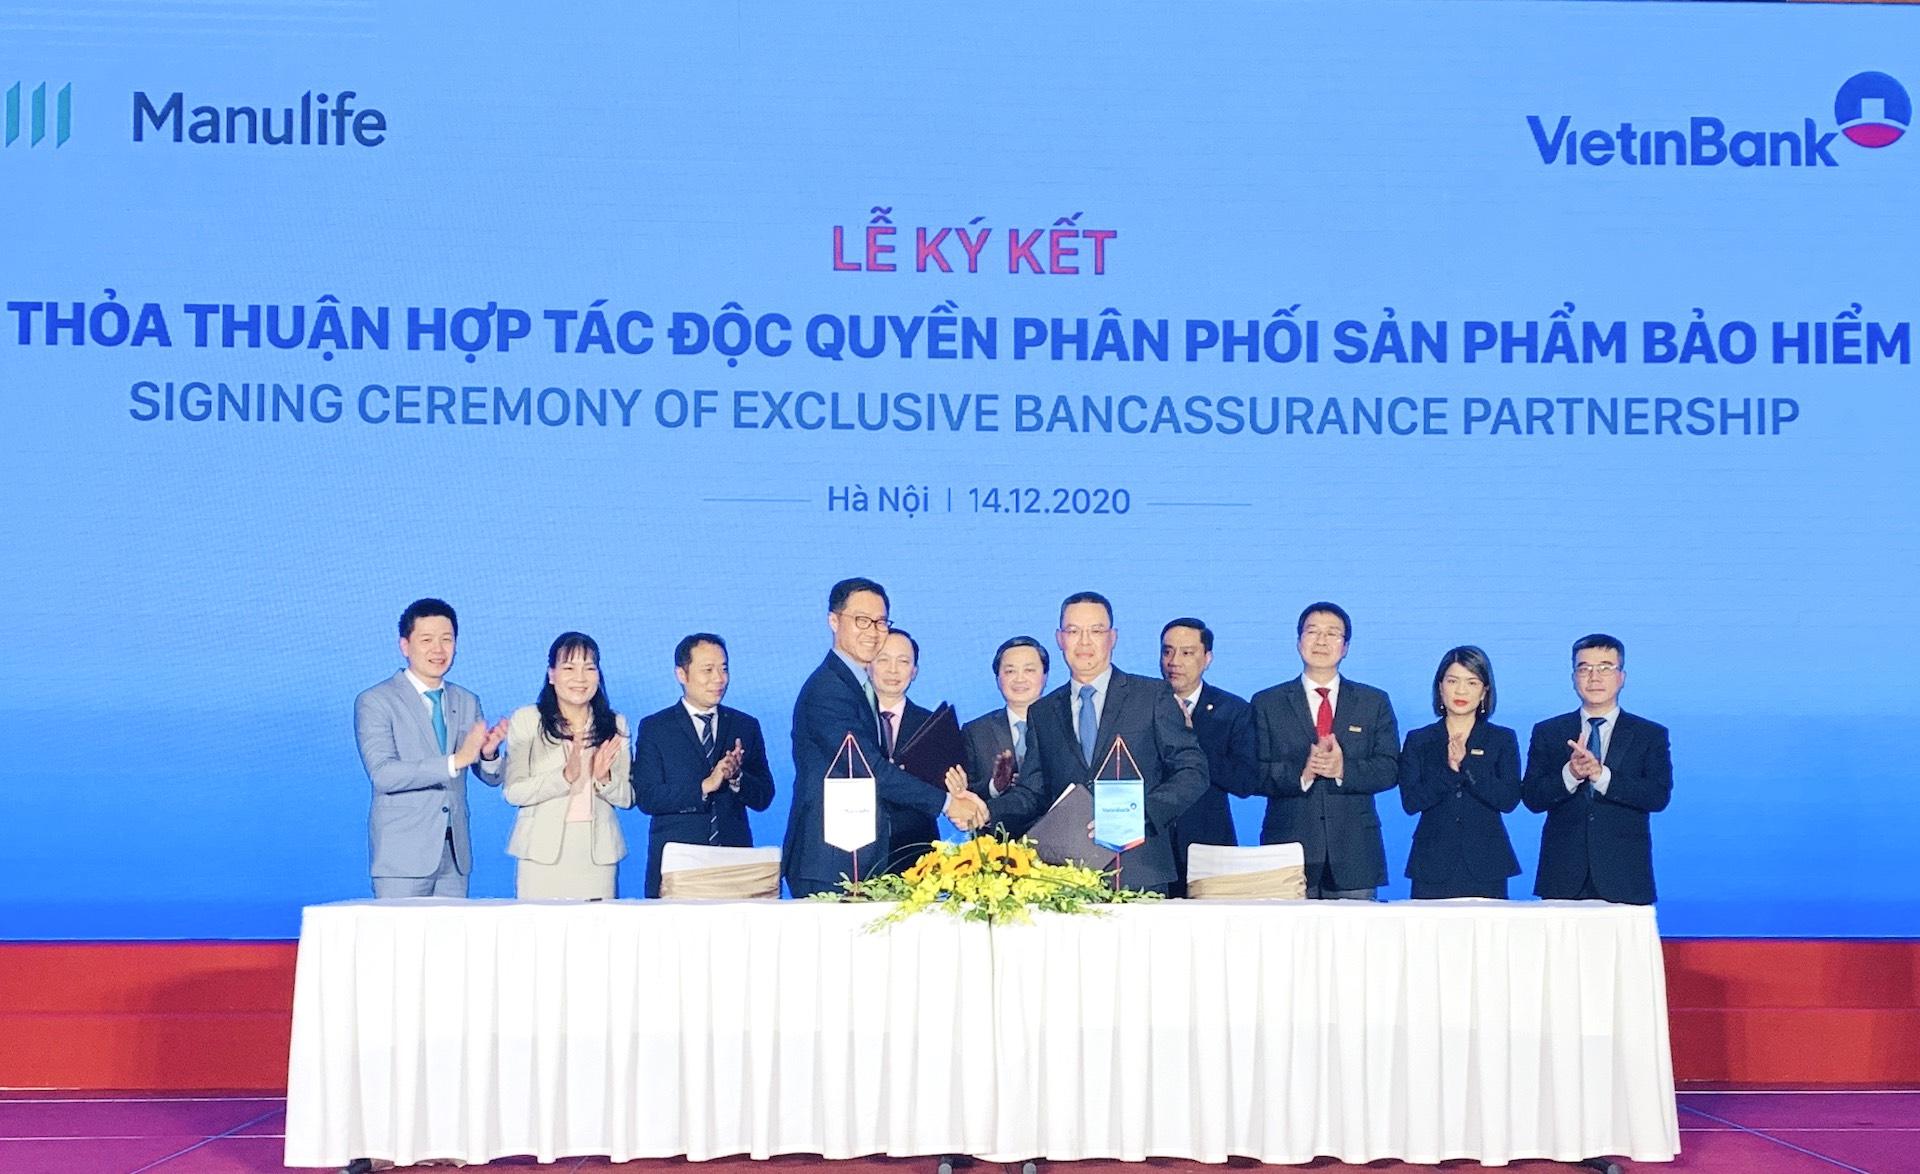 VietinBank và Manulife góp phần bảo vệ sức khỏe, ổn định tài chính bền vững cá nhân, gia đình và doanh nghiệp Việt Nam